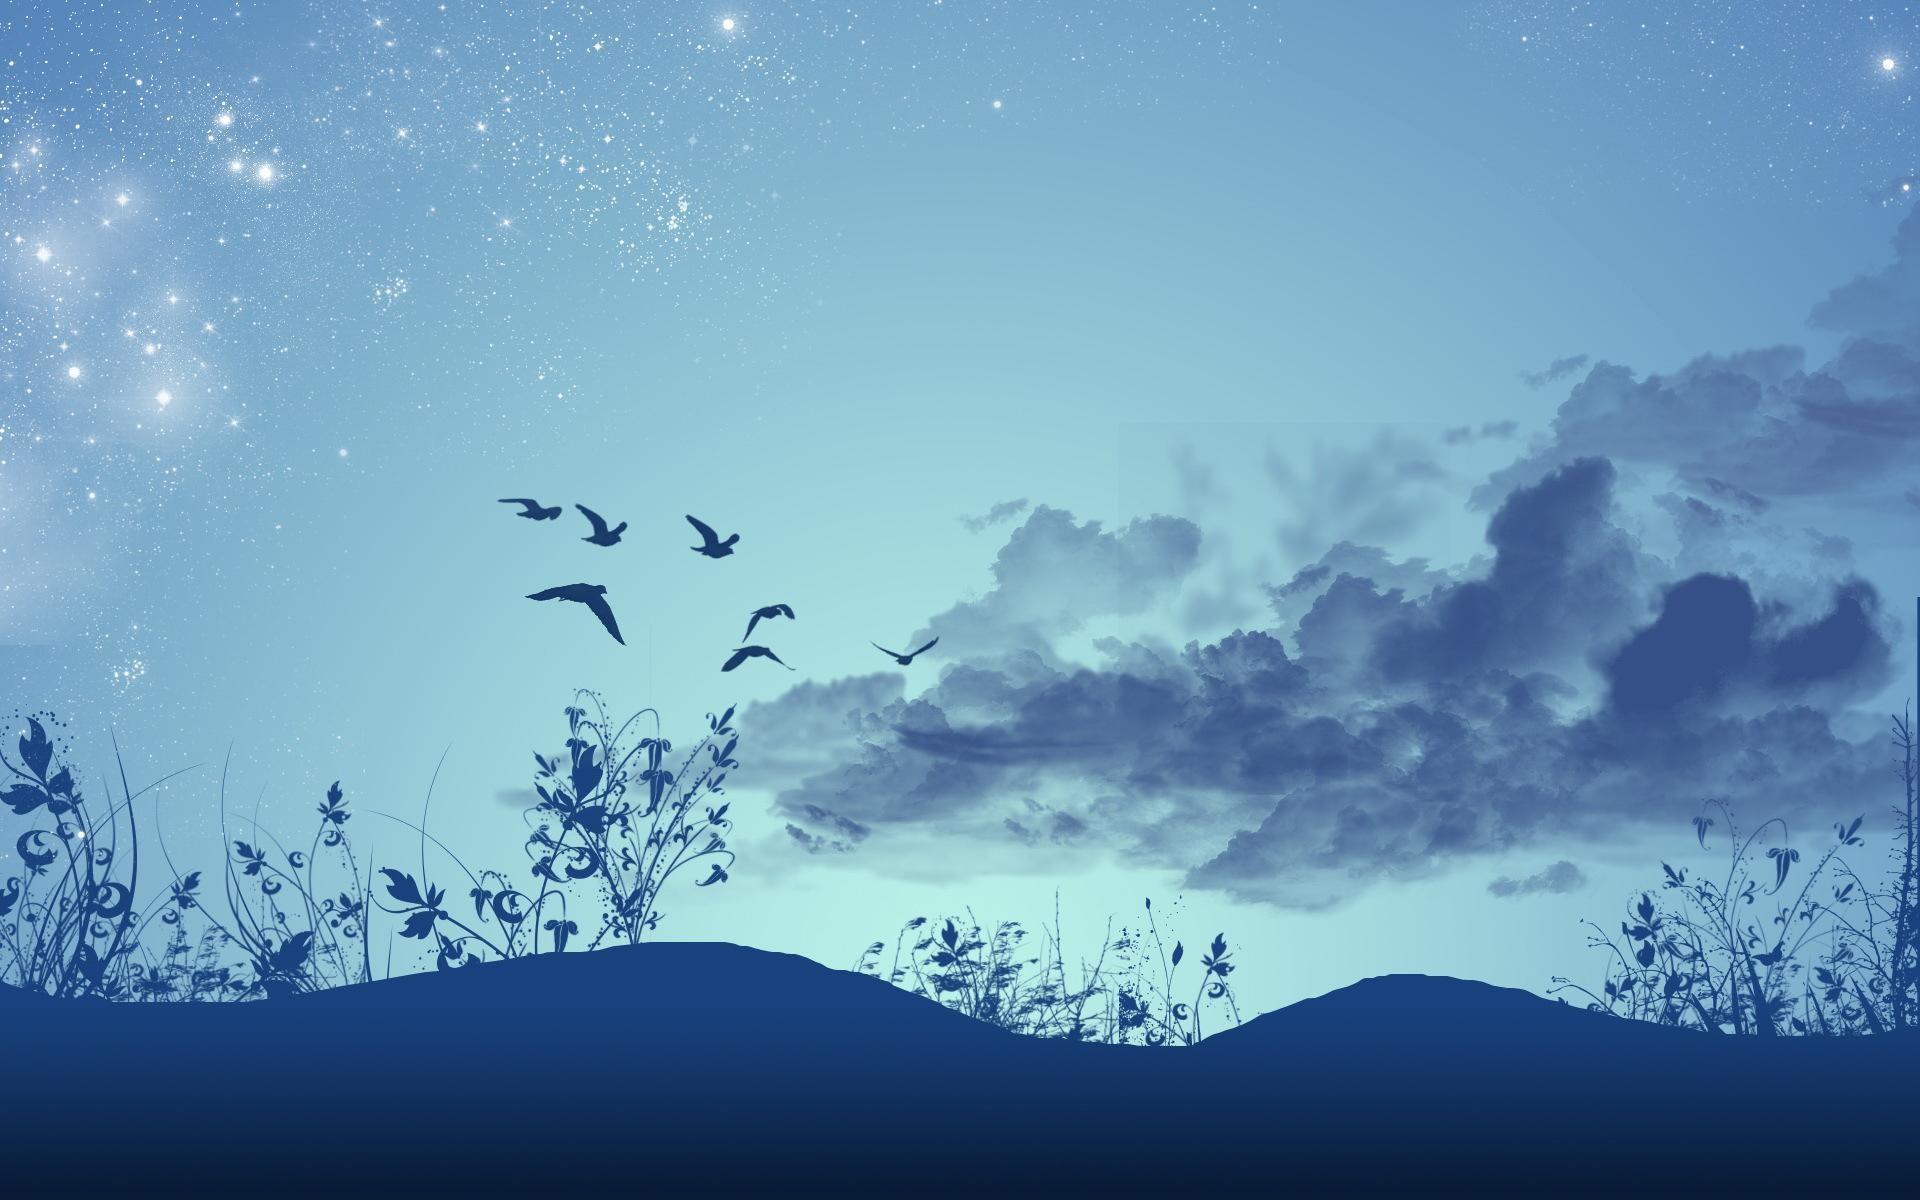 landscape-background-wallpaper-006